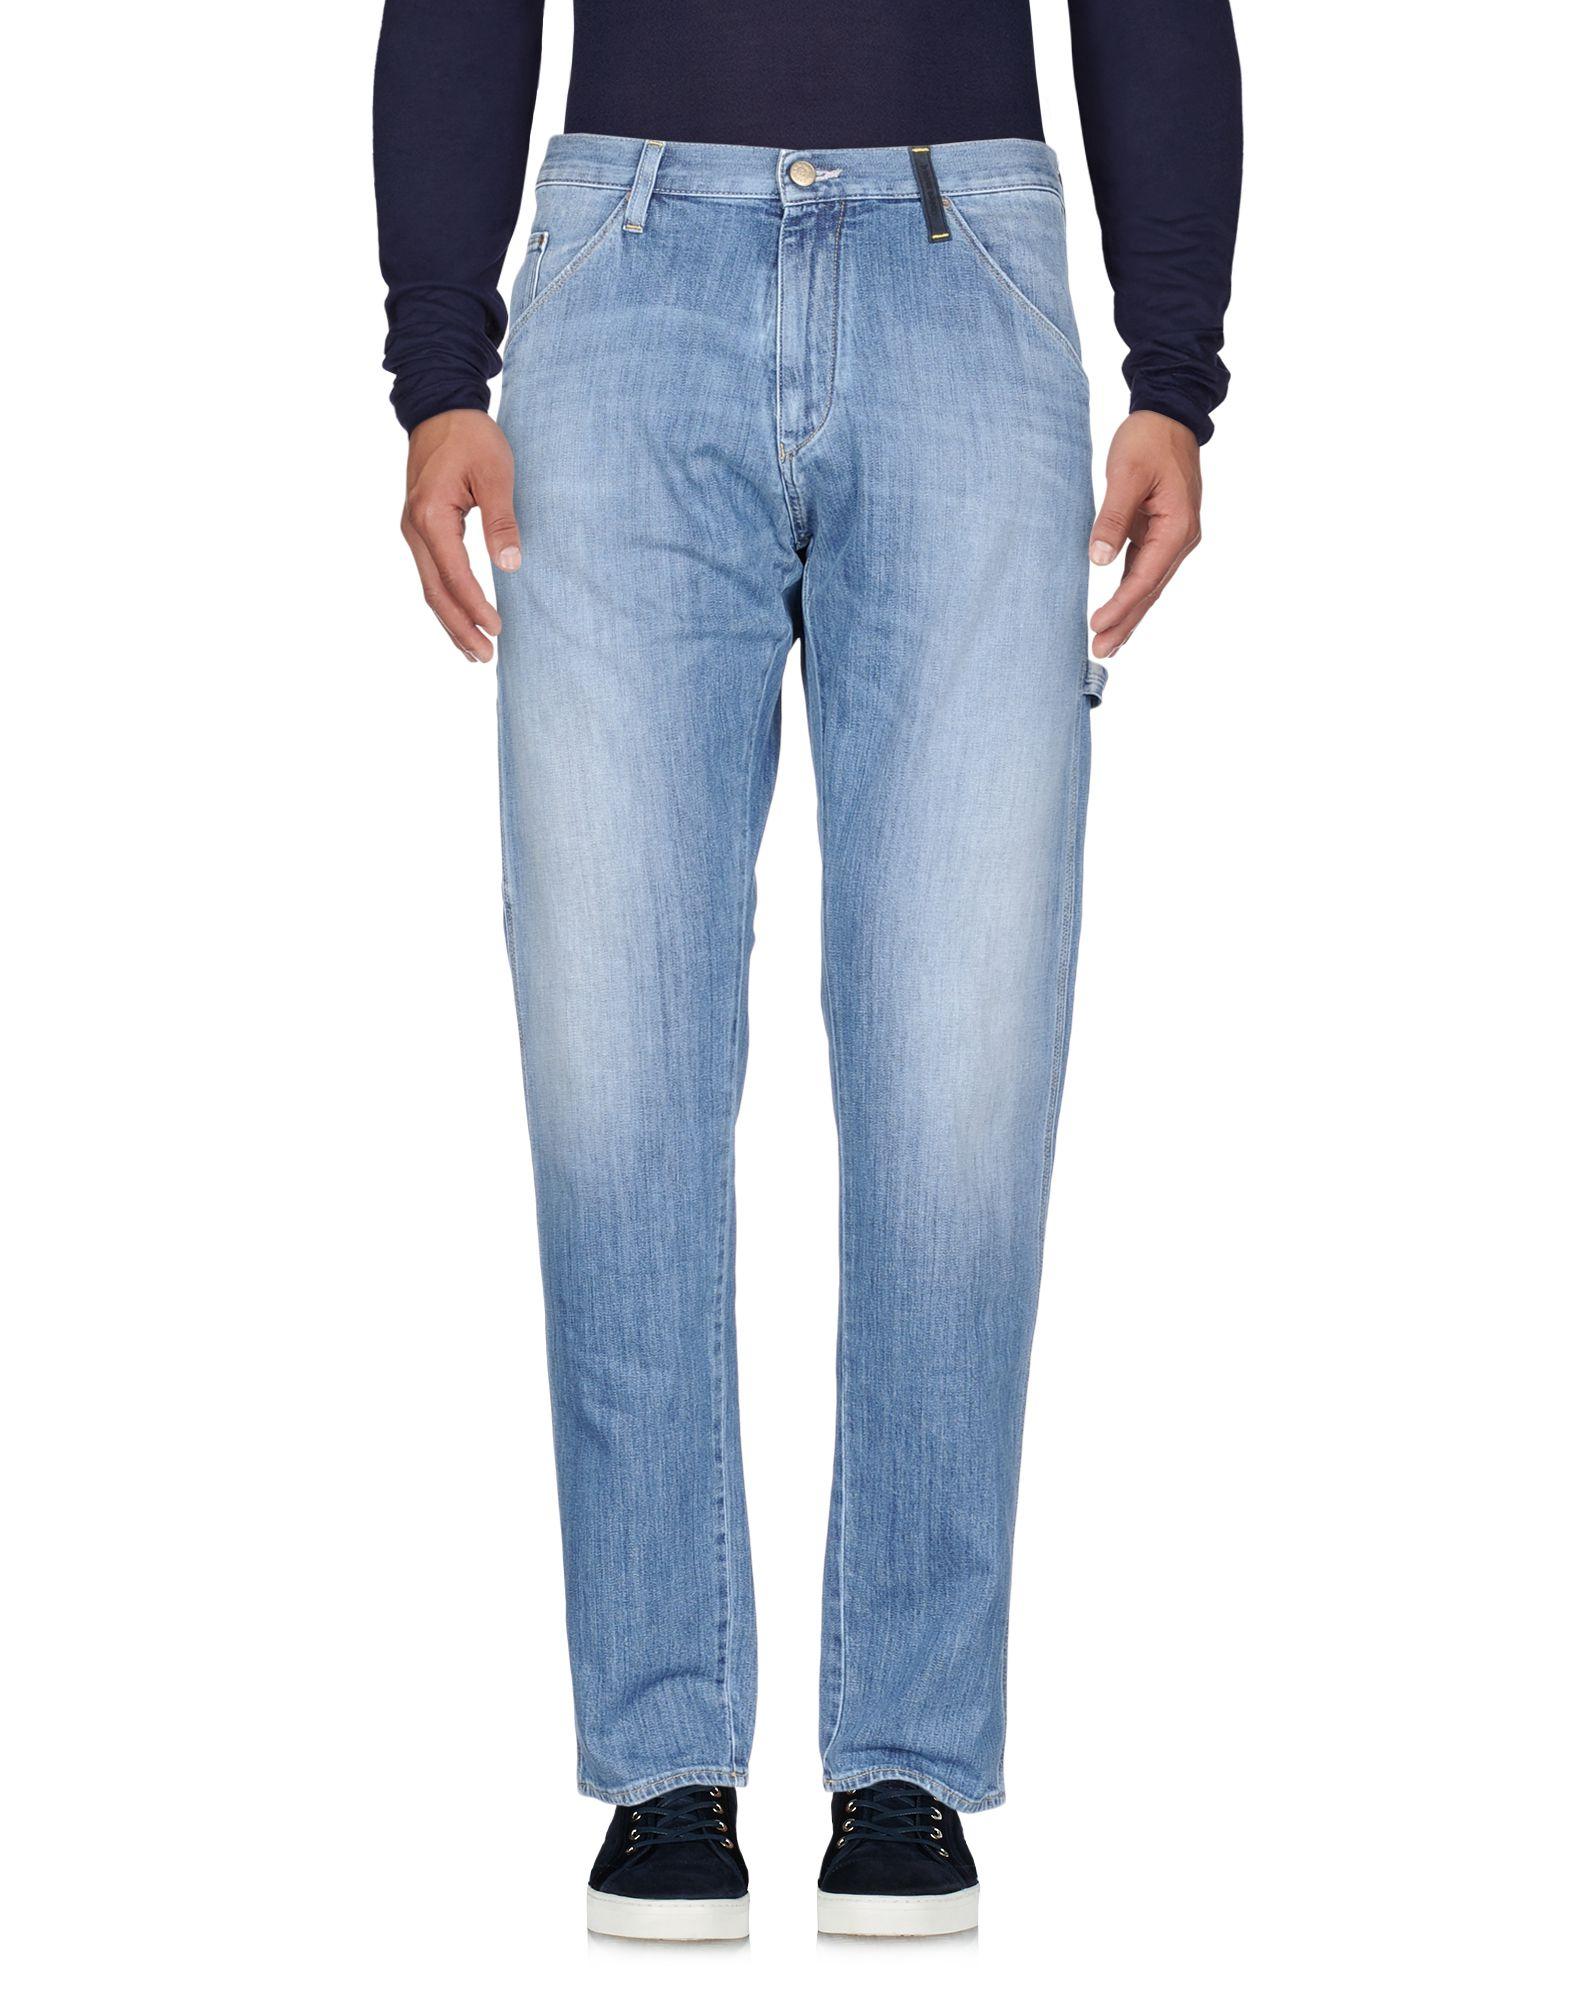 Pantaloni Jeans Armani Jeans herren - 42683072JH